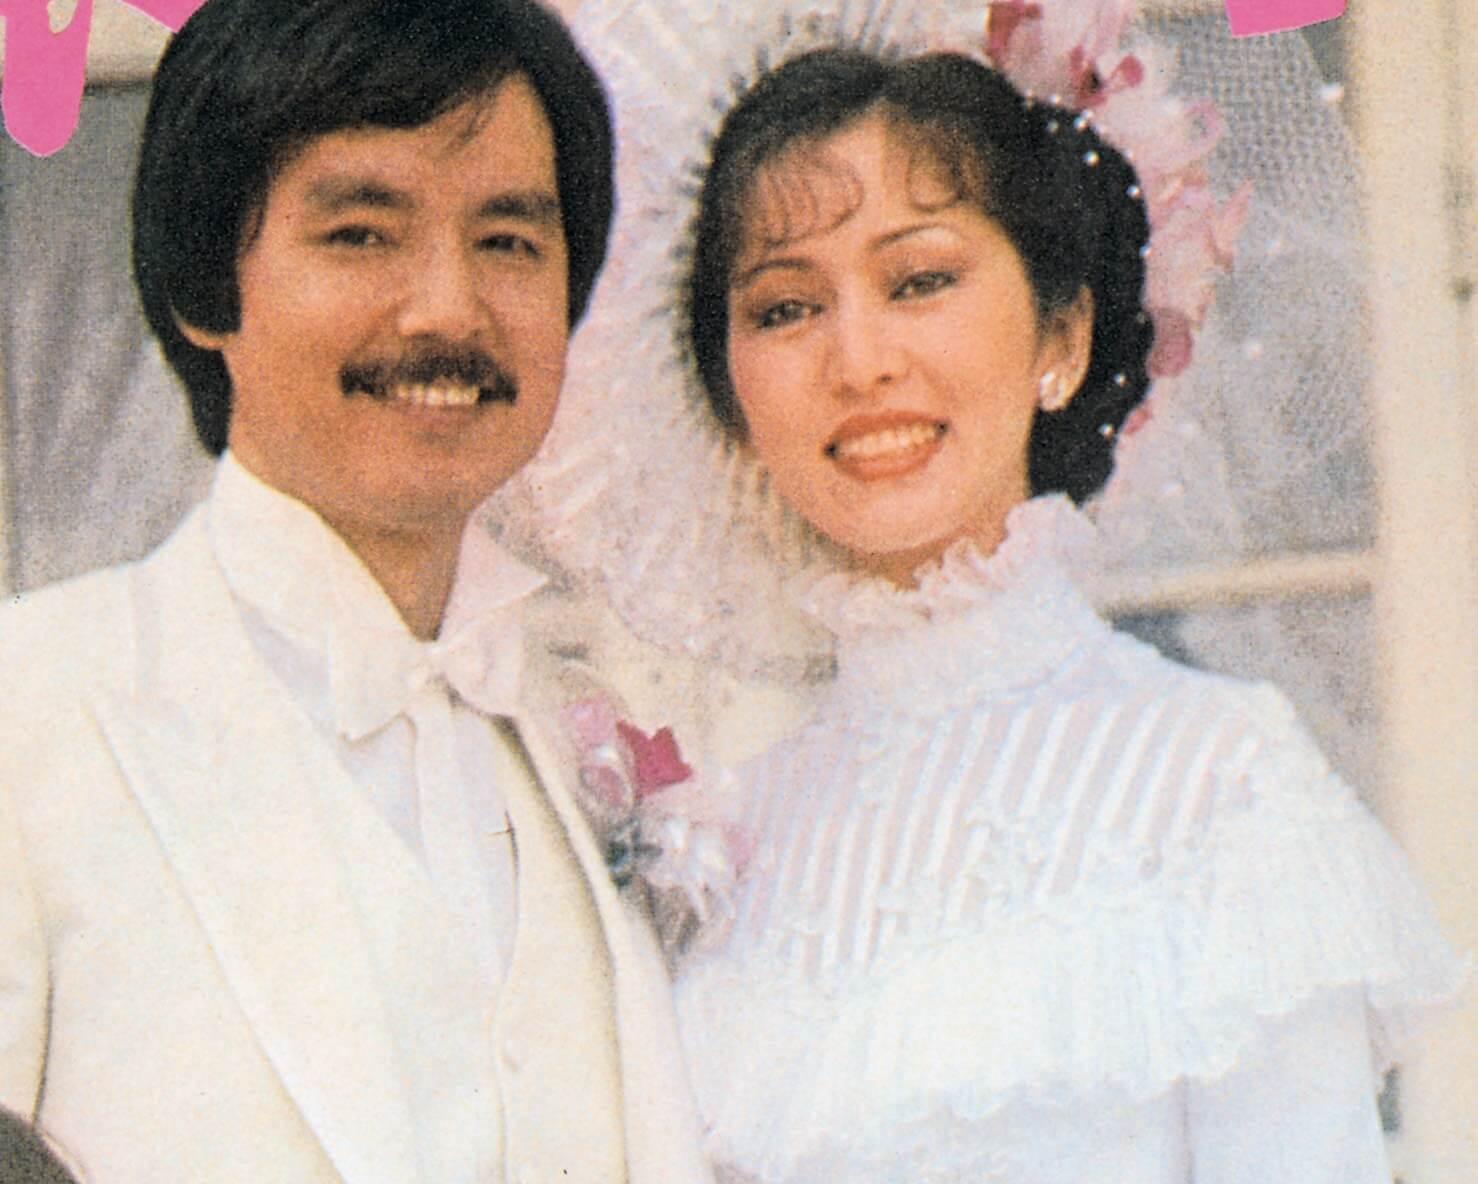 拍拖四年零八個月的張瑪莉和李忠琛於1980年2月攜手走進教堂,她穿上親自設計的婚紗,更加顧盼自豪。